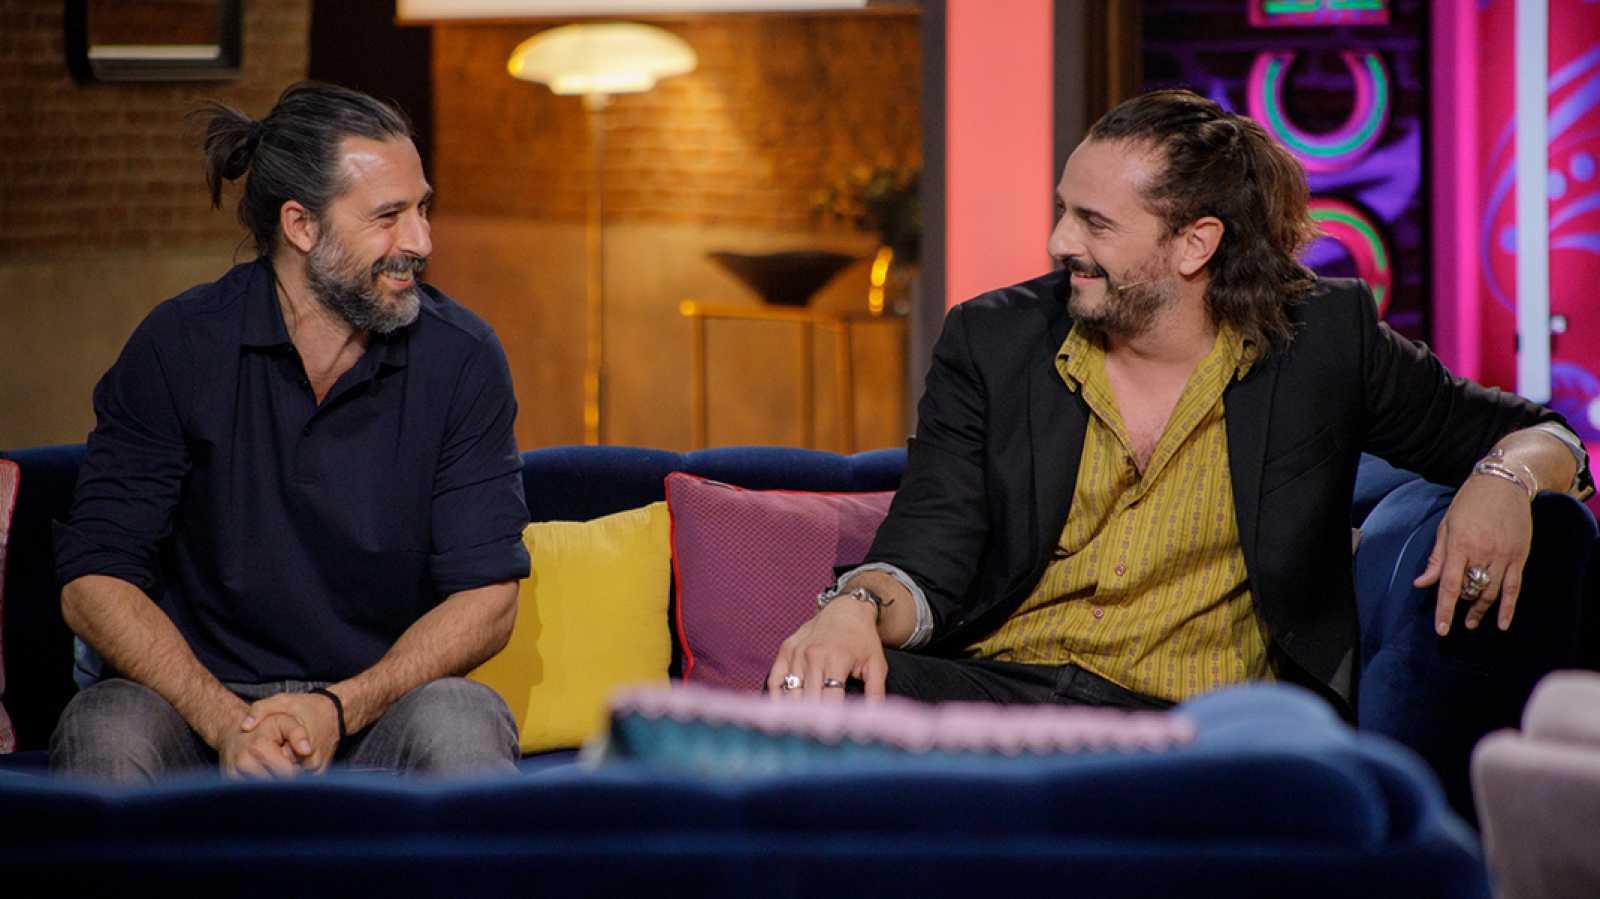 La noche D - Así se conocieron Hugo Silva y Asier Etxeandia